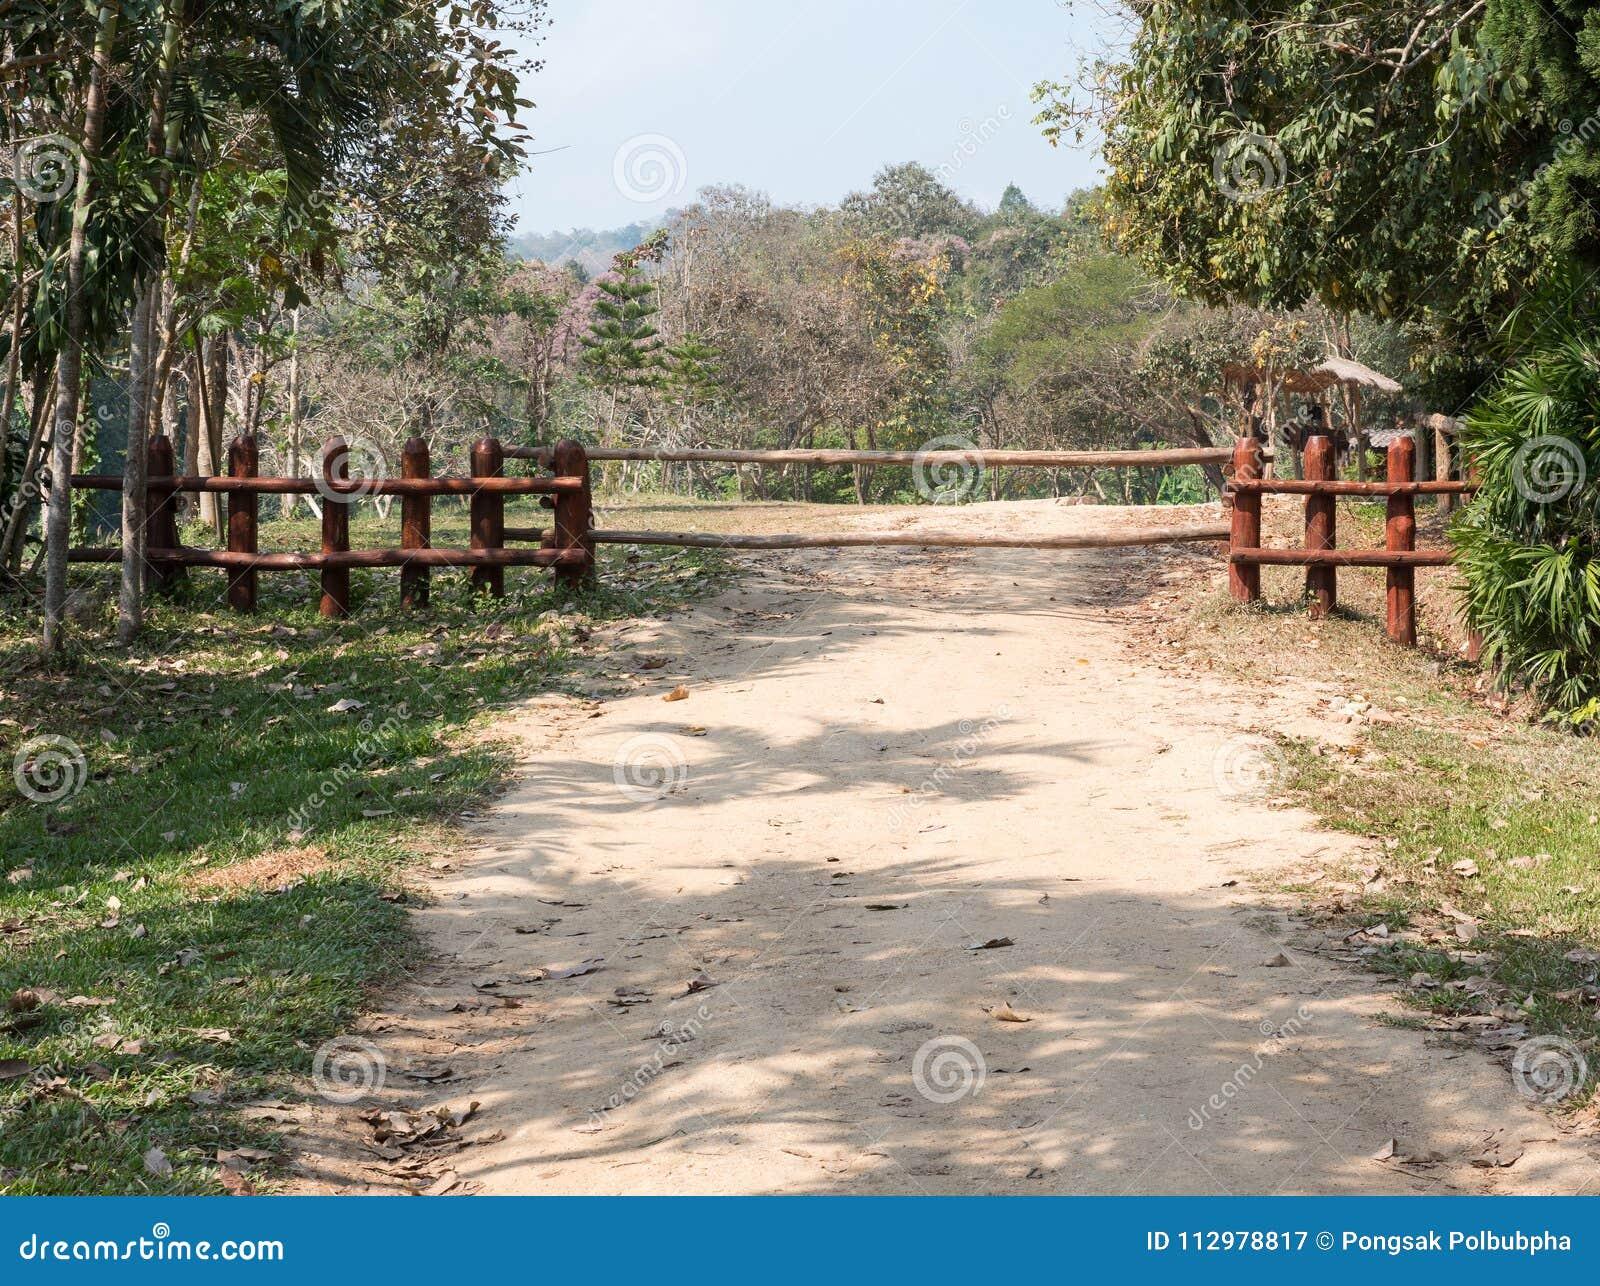 Large log fence.